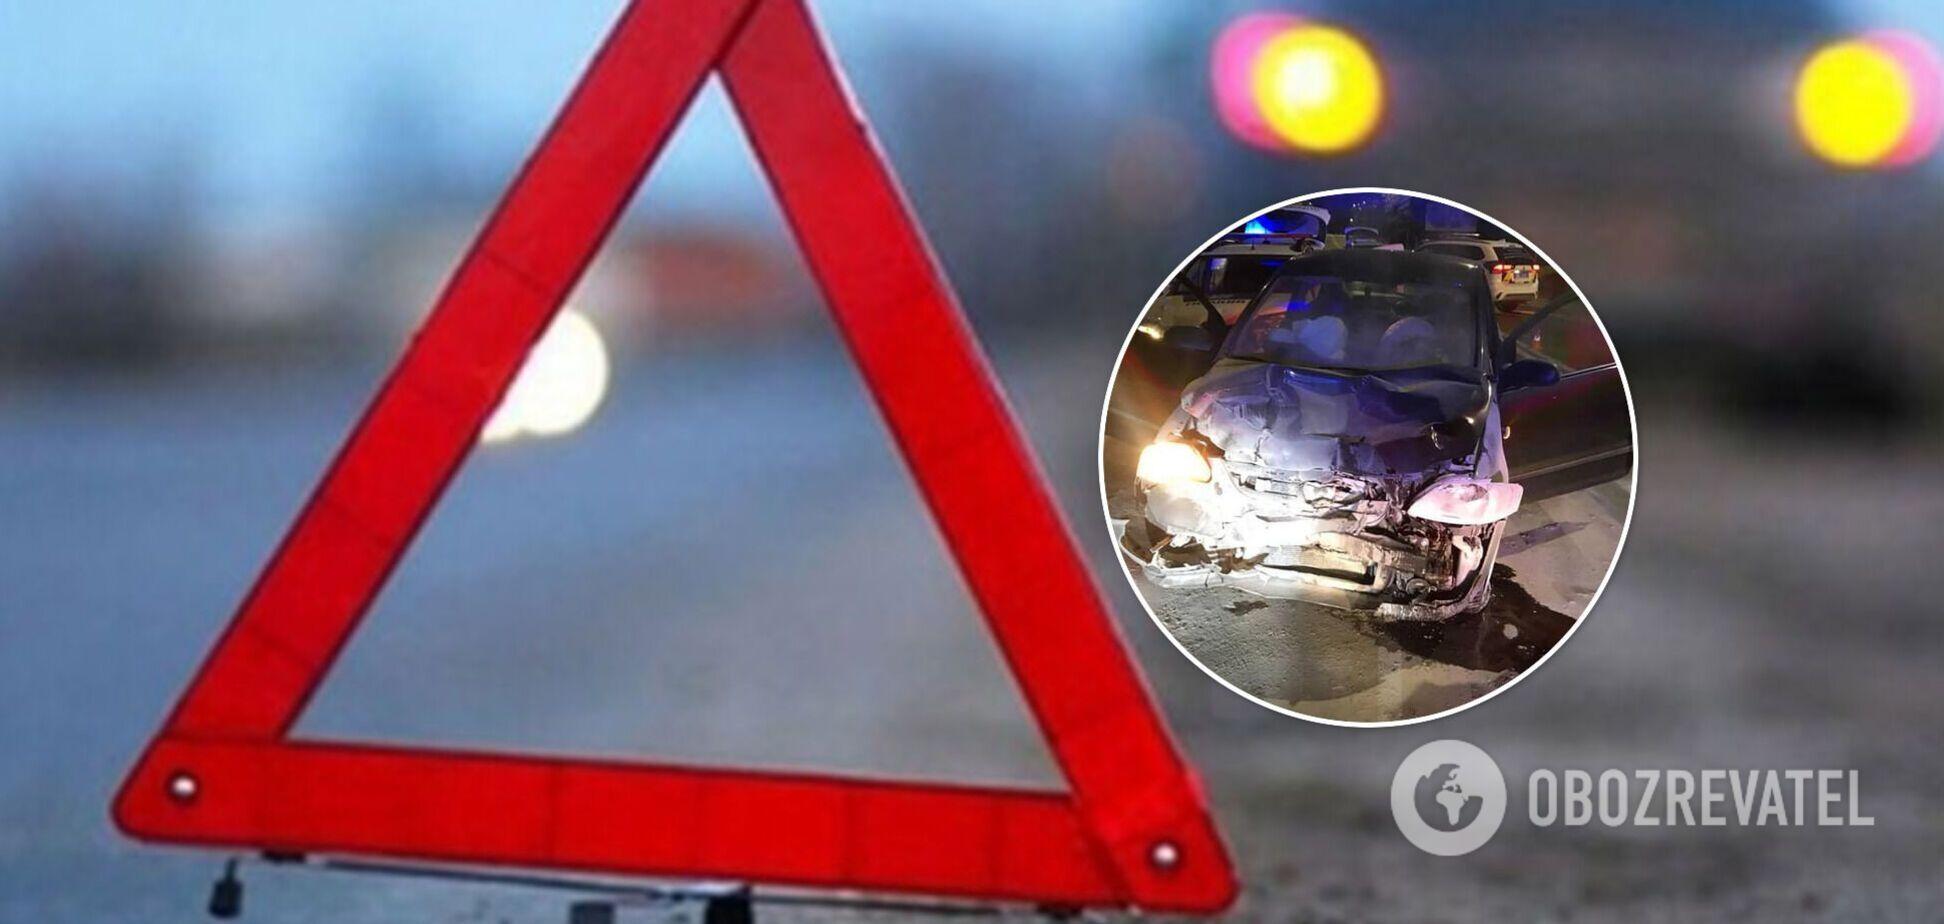 Во Львове пьяный водитель протаранил авто патрульных, пострадали три человека. Фото